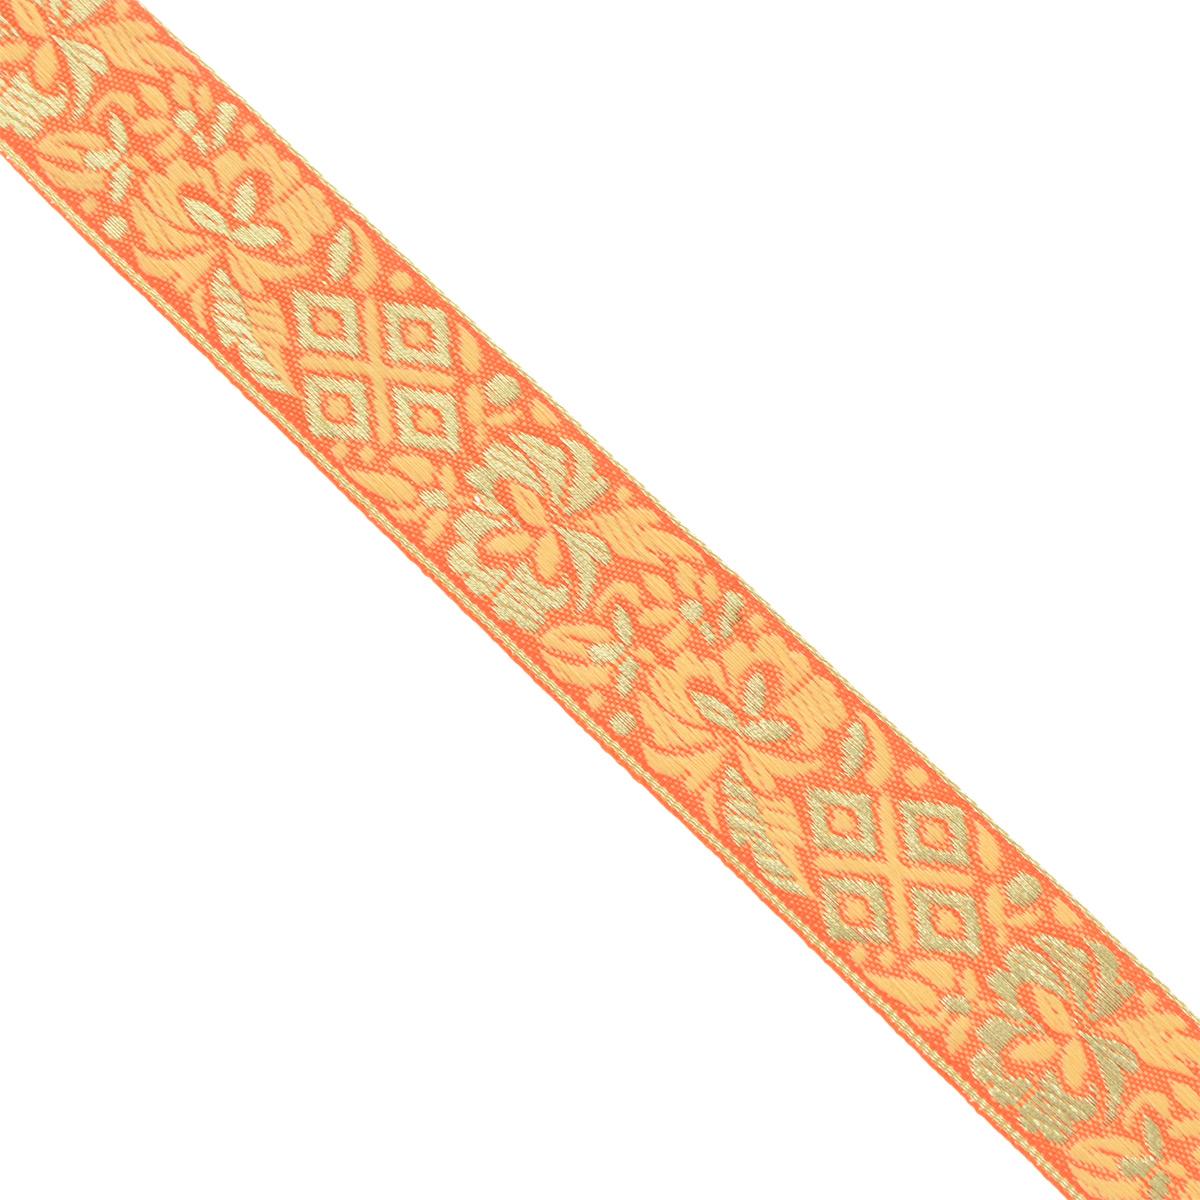 Тесьма декоративная Астра, цвет: оранжевый (2), ширина 2,5 см, длина 16,4 м. 77033157703315_2Декоративная тесьма Астра выполнена из текстиля и оформлена оригинальным орнаментом. Такая тесьма идеально подойдет для оформления различных творческих работ таких, как скрапбукинг, аппликация, декор коробок и открыток и многое другое. Тесьма наивысшего качества и практична в использовании. Она станет незаменимым элементом в создании рукотворного шедевра. Ширина: 2,5 см. Длина: 16,4 м.